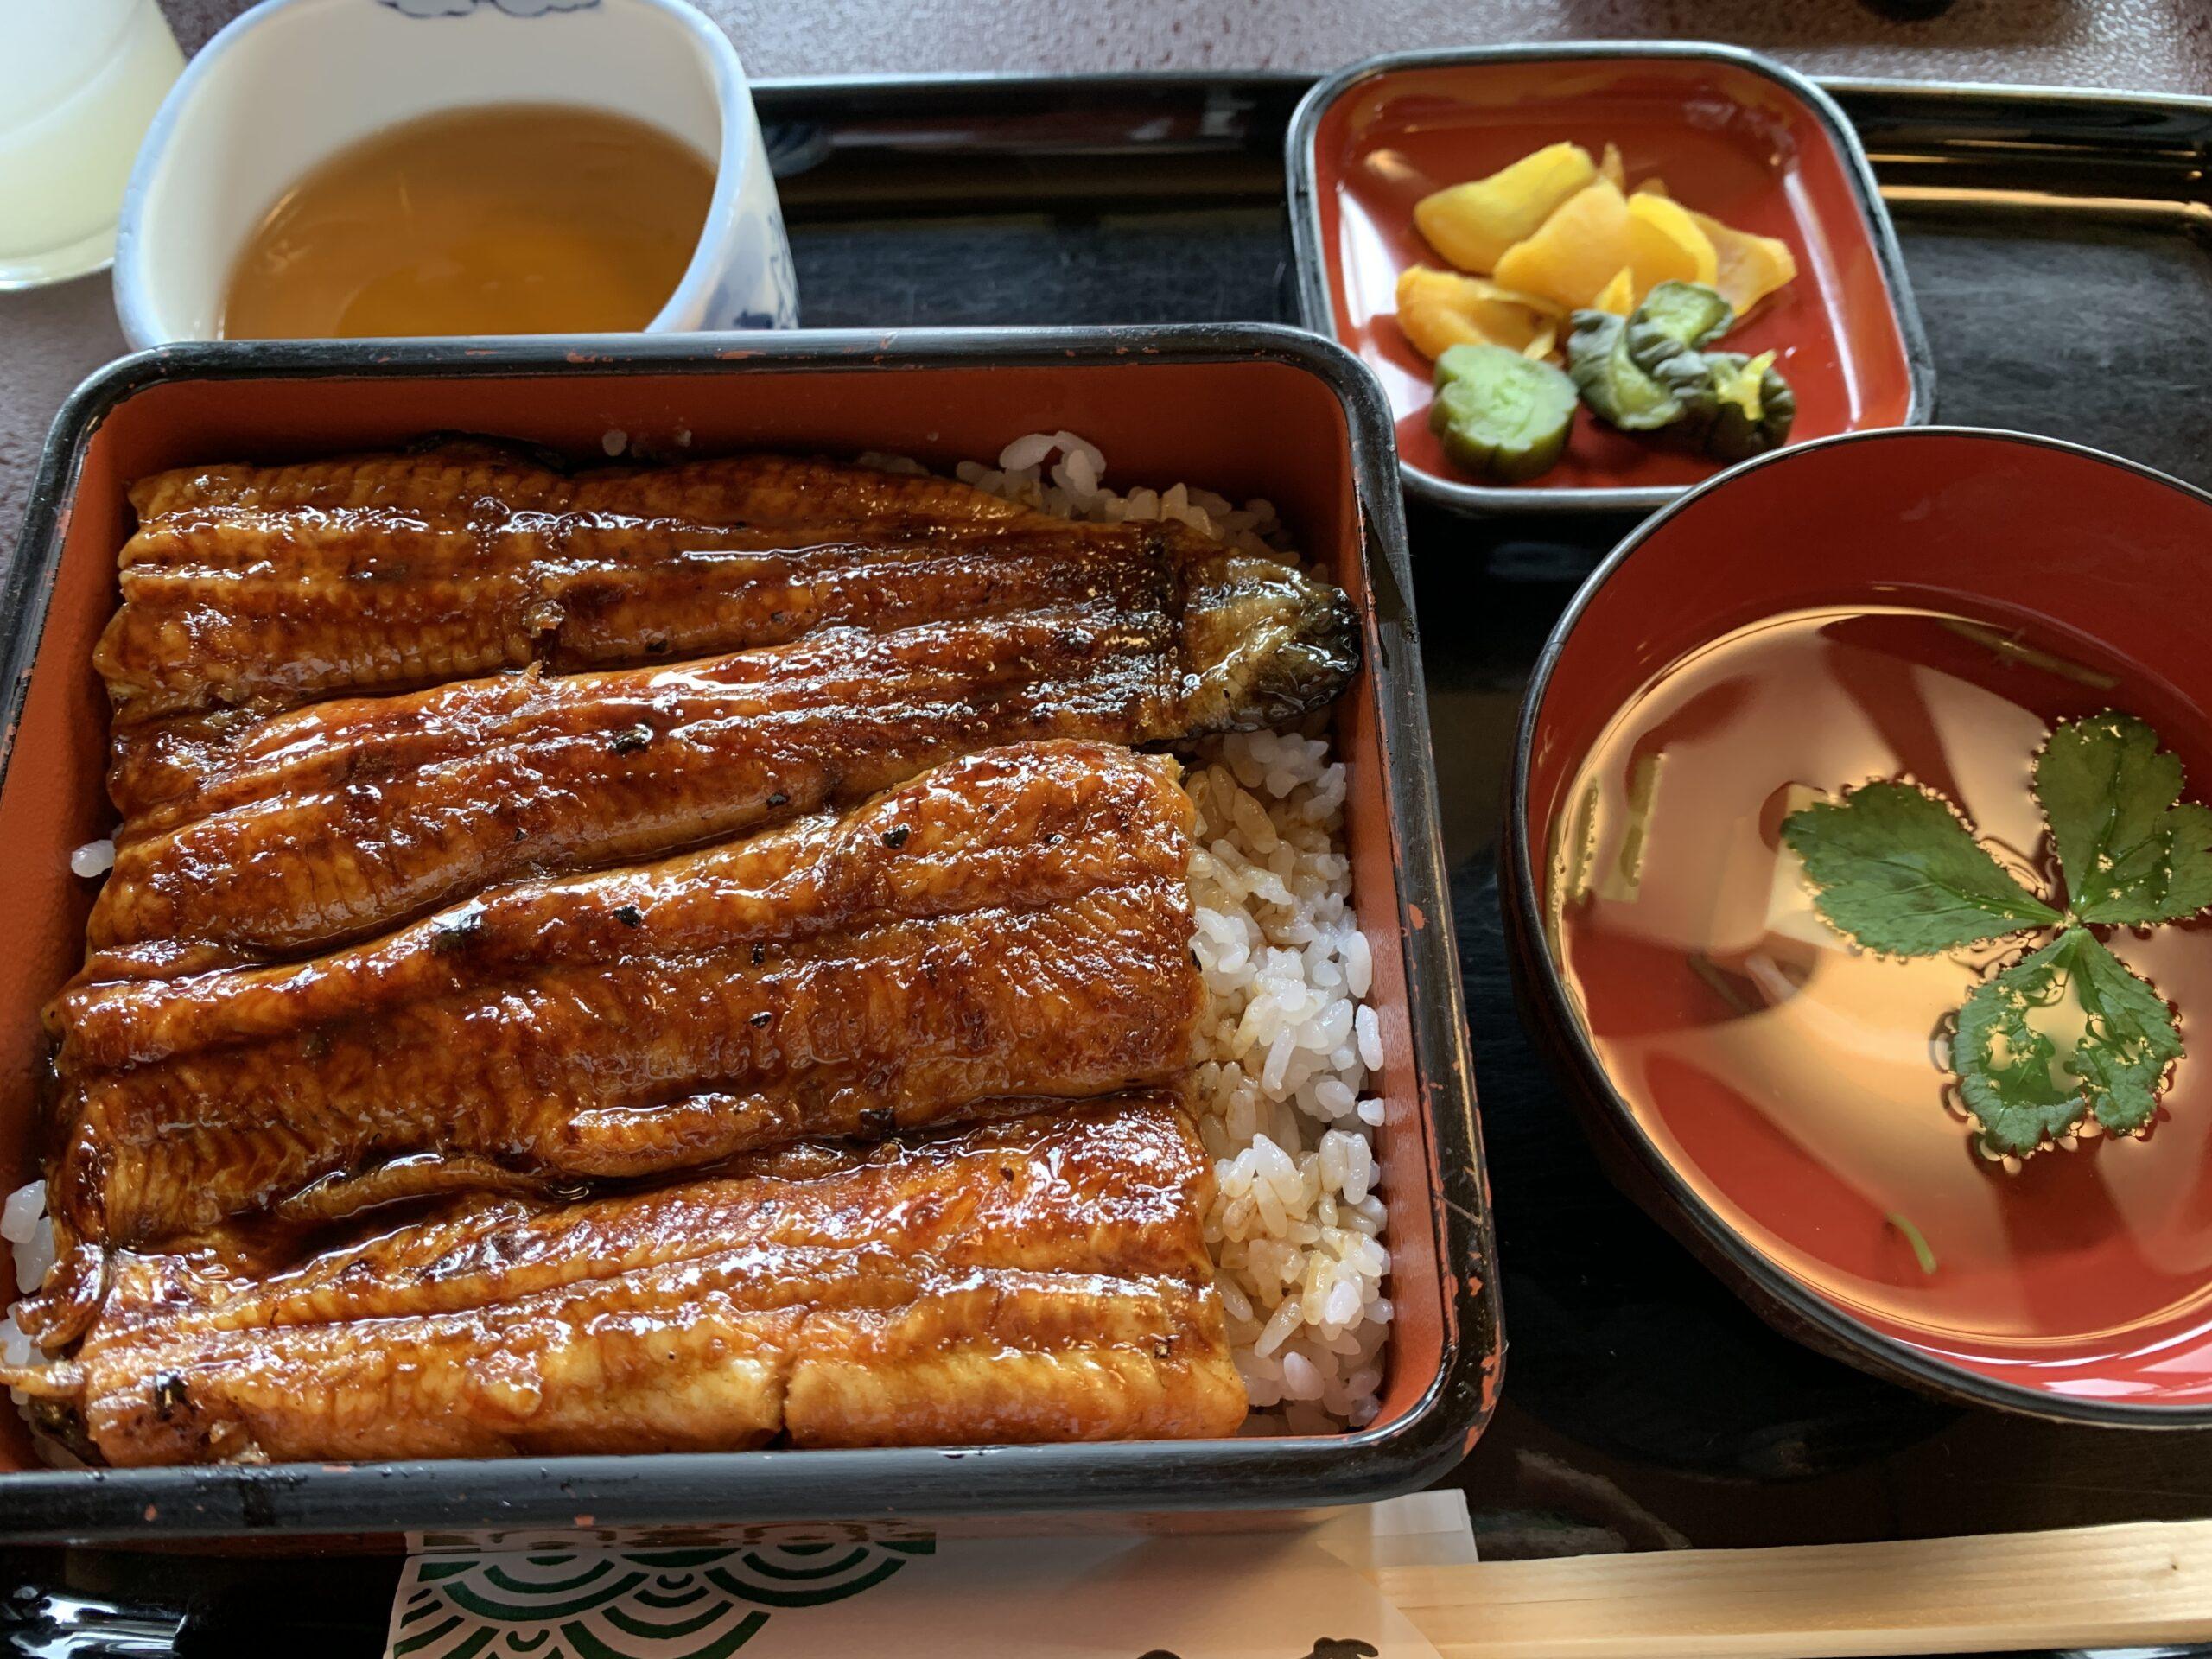 浜松市鰻屋おすすめ:鰻昇亭のうな重は美味しい!営業時間やメニューは?